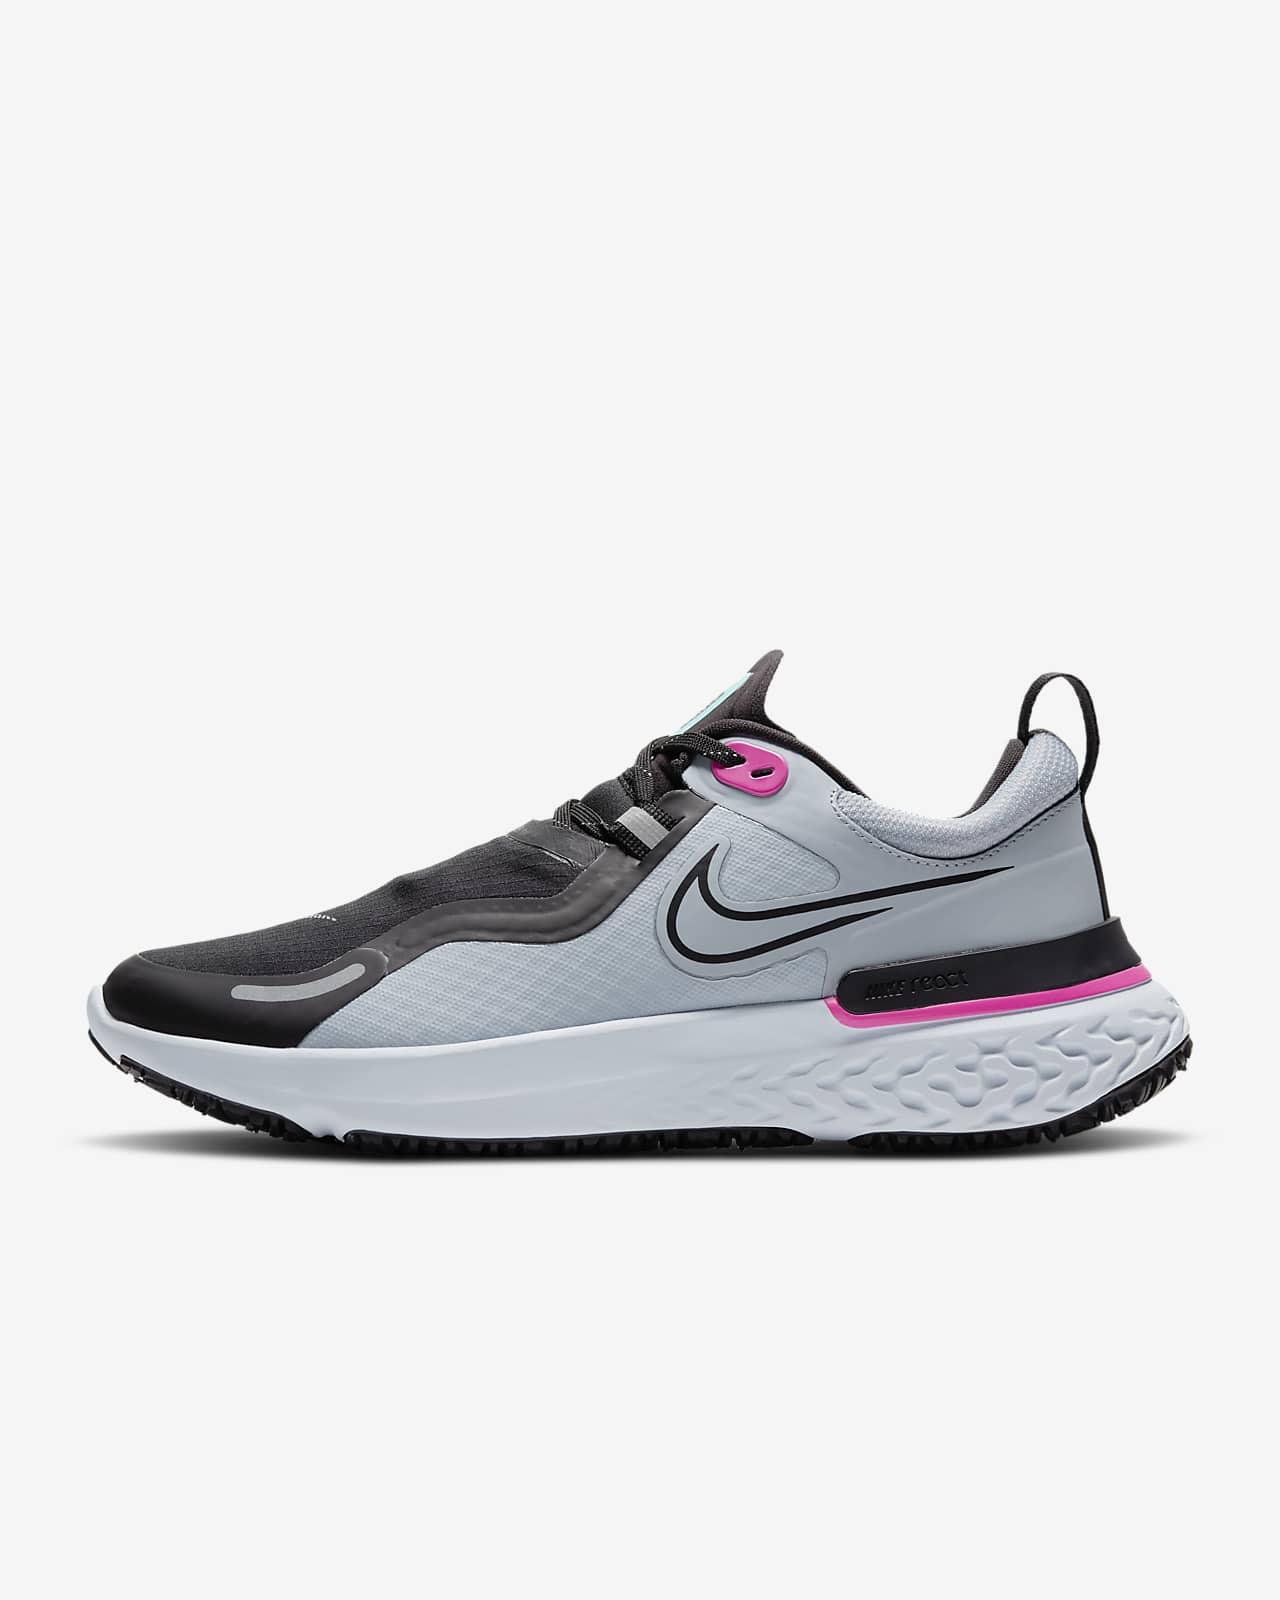 Löparsko Nike React Miler Shield för kvinnor